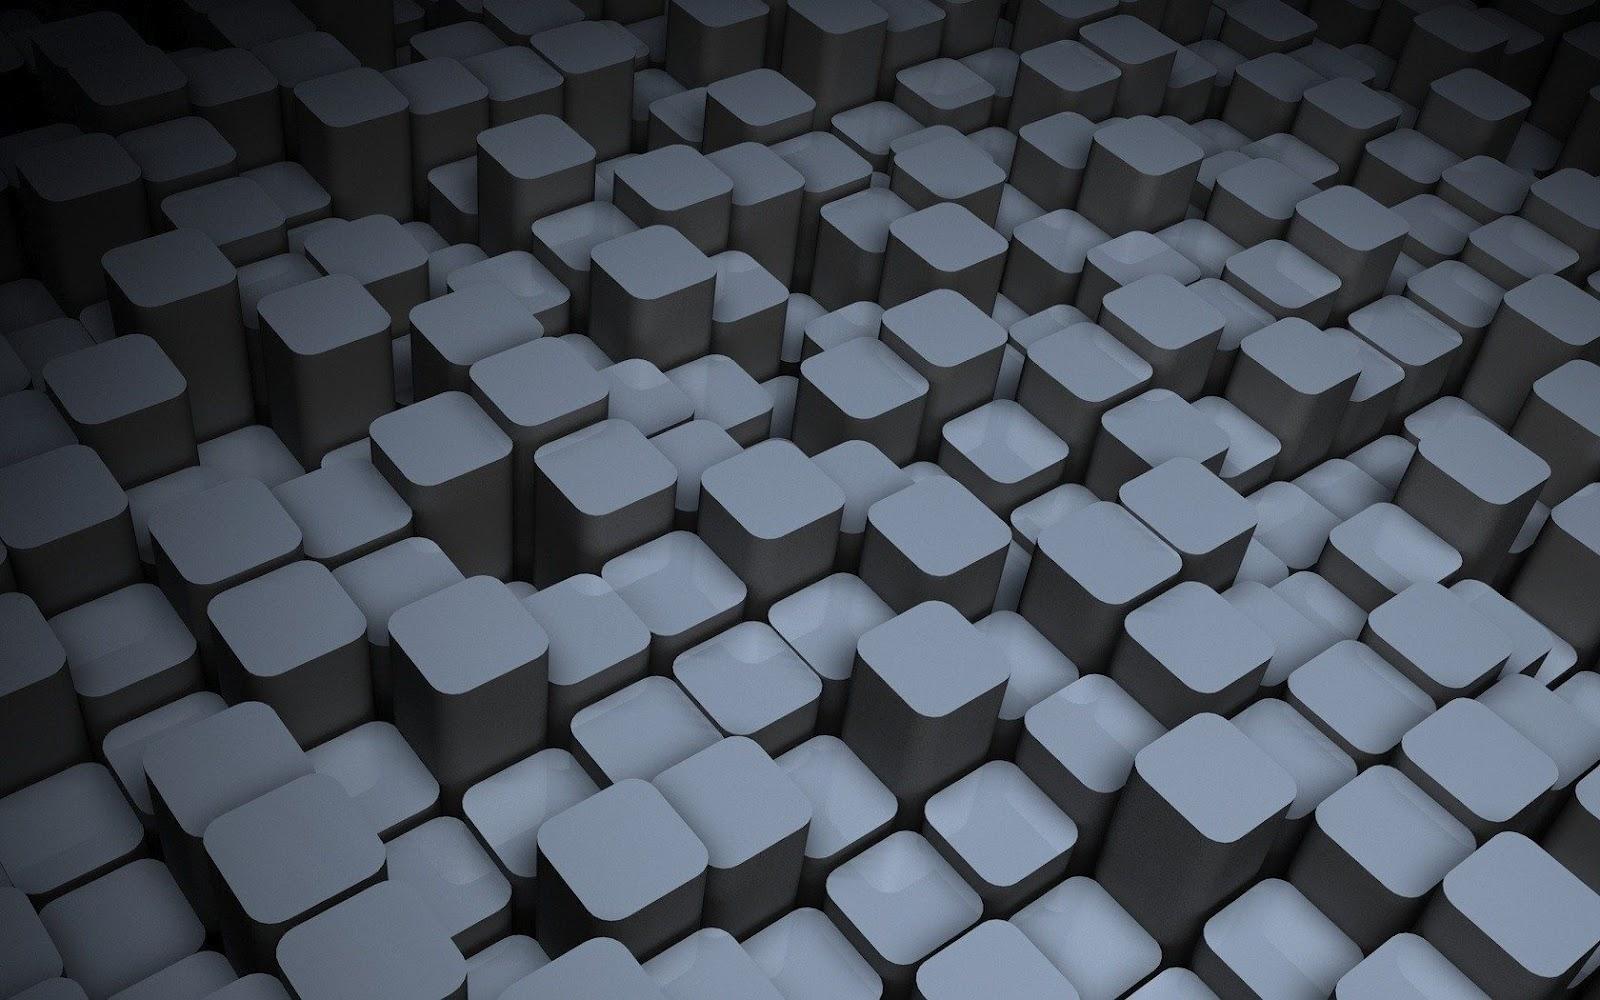 http://1.bp.blogspot.com/-xdUZrg558m4/T74OBv_kscI/AAAAAAAAEig/xgzsIxIhLPE/s1600/3d-squares-1680x1050.jpg